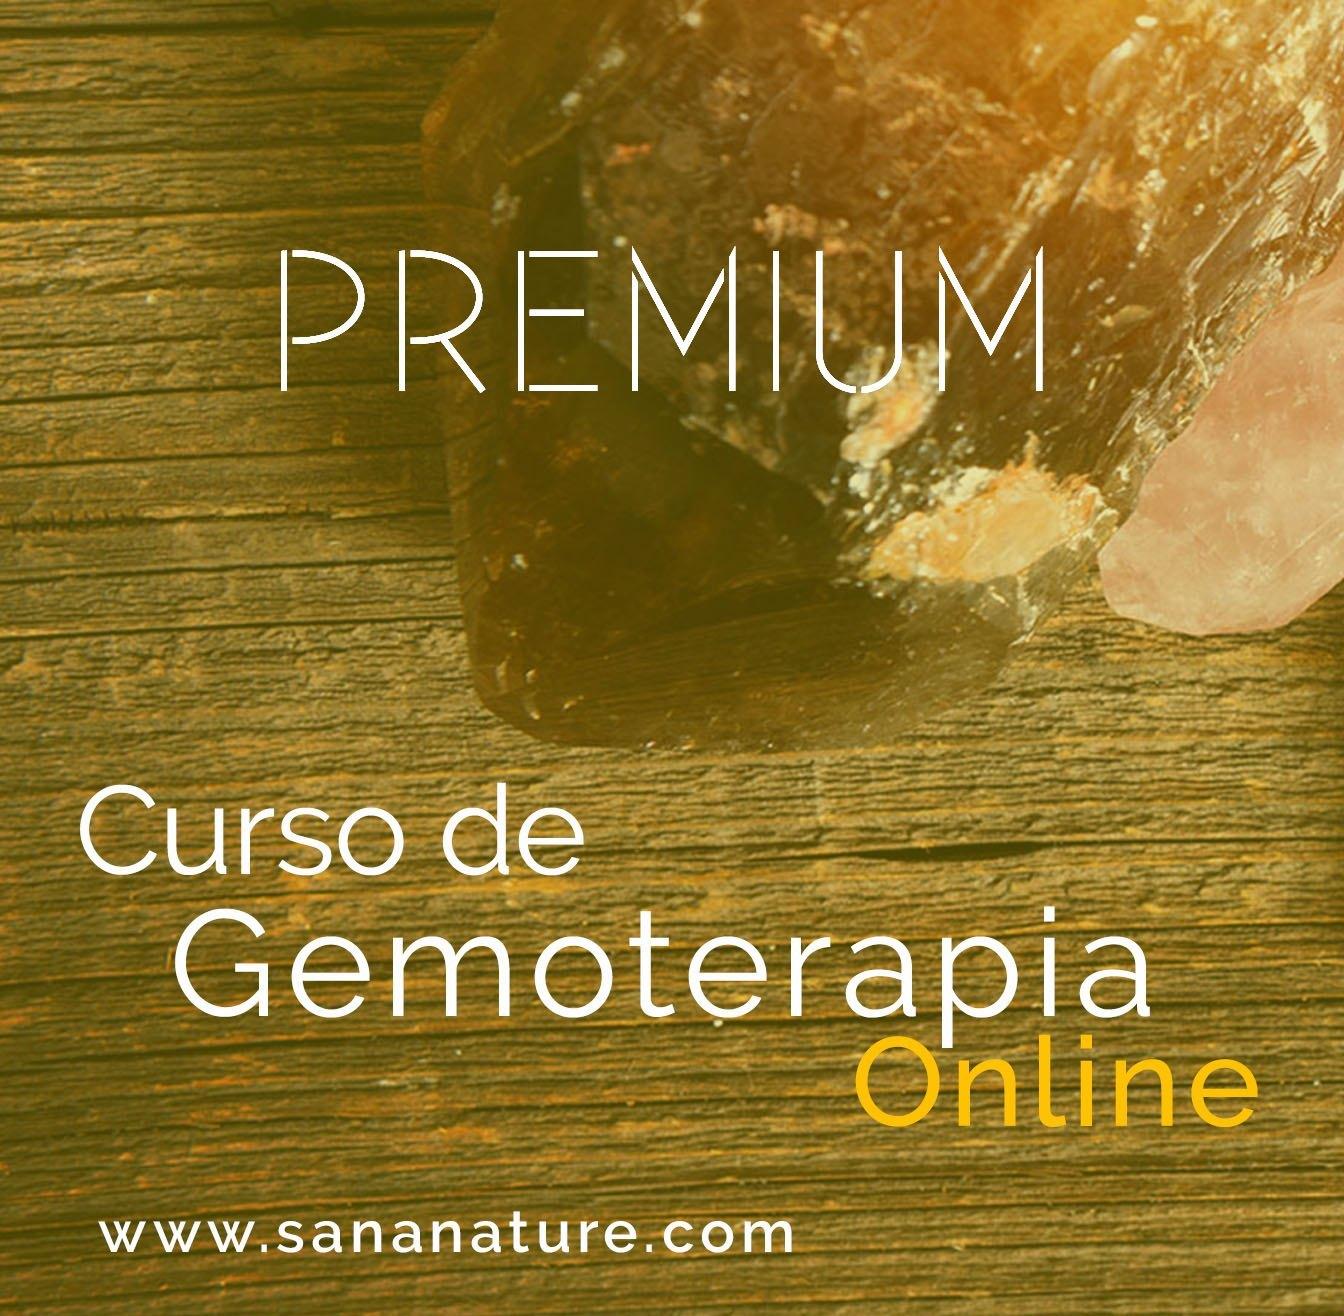 Curso de Gemoterapia Online Premium